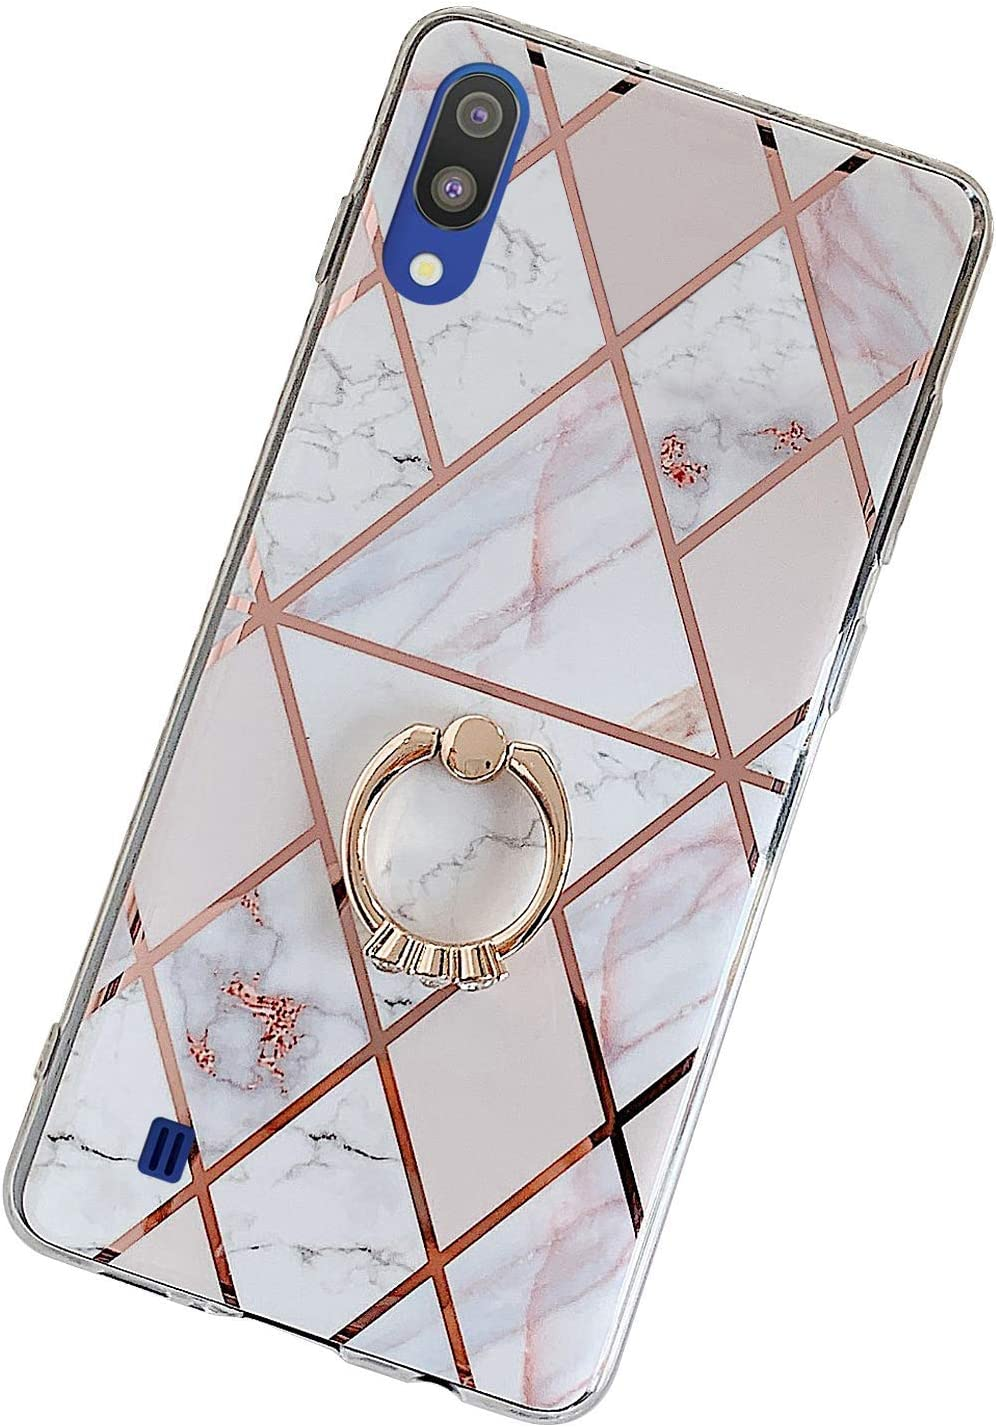 Herbests Kompatibel mit Samsung Galaxy A70 H/ülle Glitzer Diamant Silikon /Überzug Plating TPU Schutzh/ülle Weiche Slim Cover Crystal Clear Handytasche Kratzfest Durchsichtige Handyh/ülle,Gold